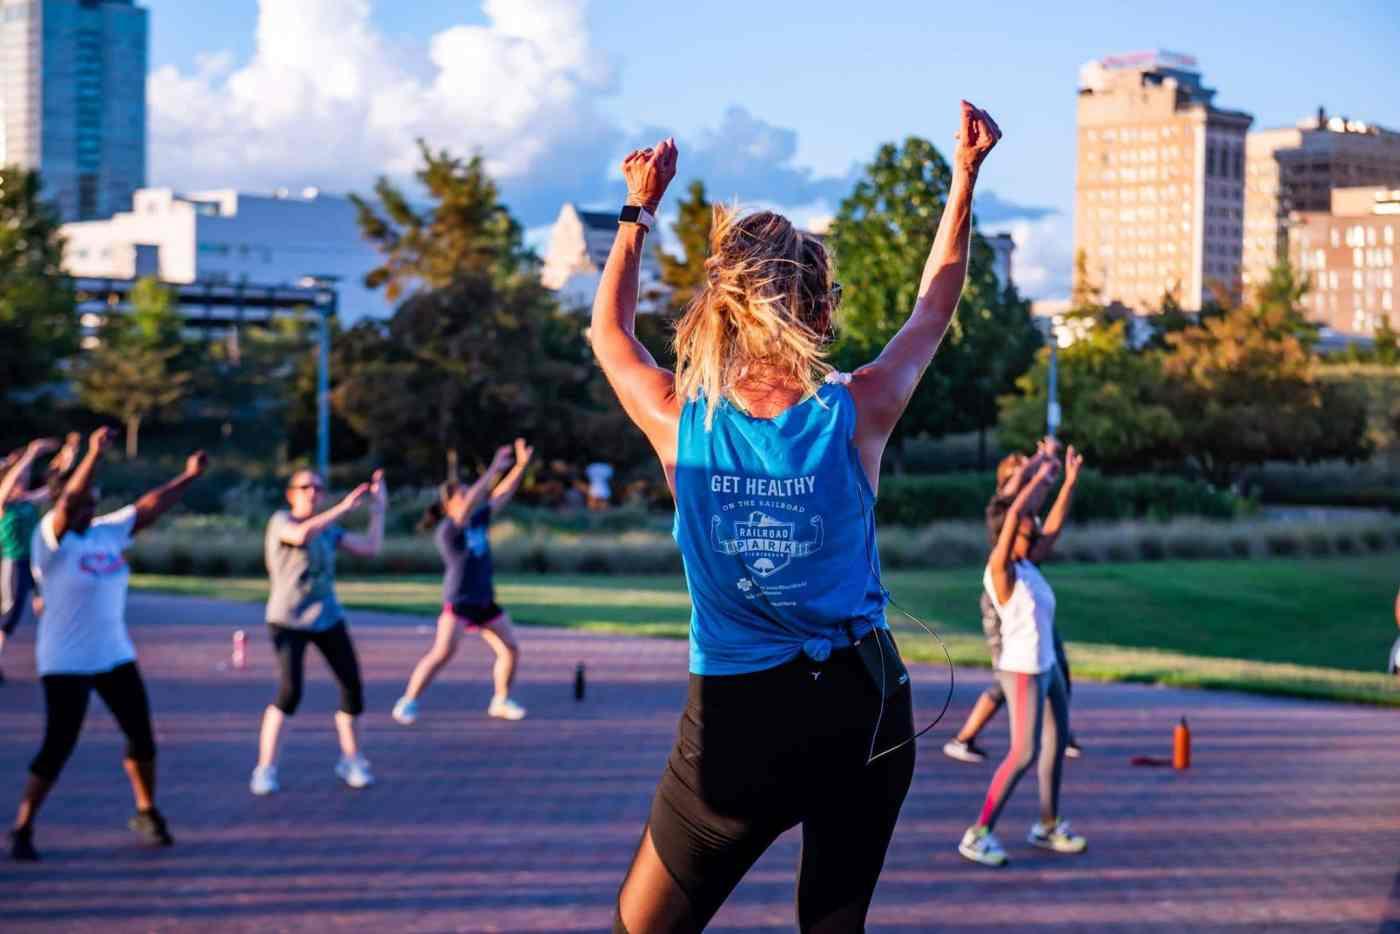 Birmingham, Railroad Park, exercise